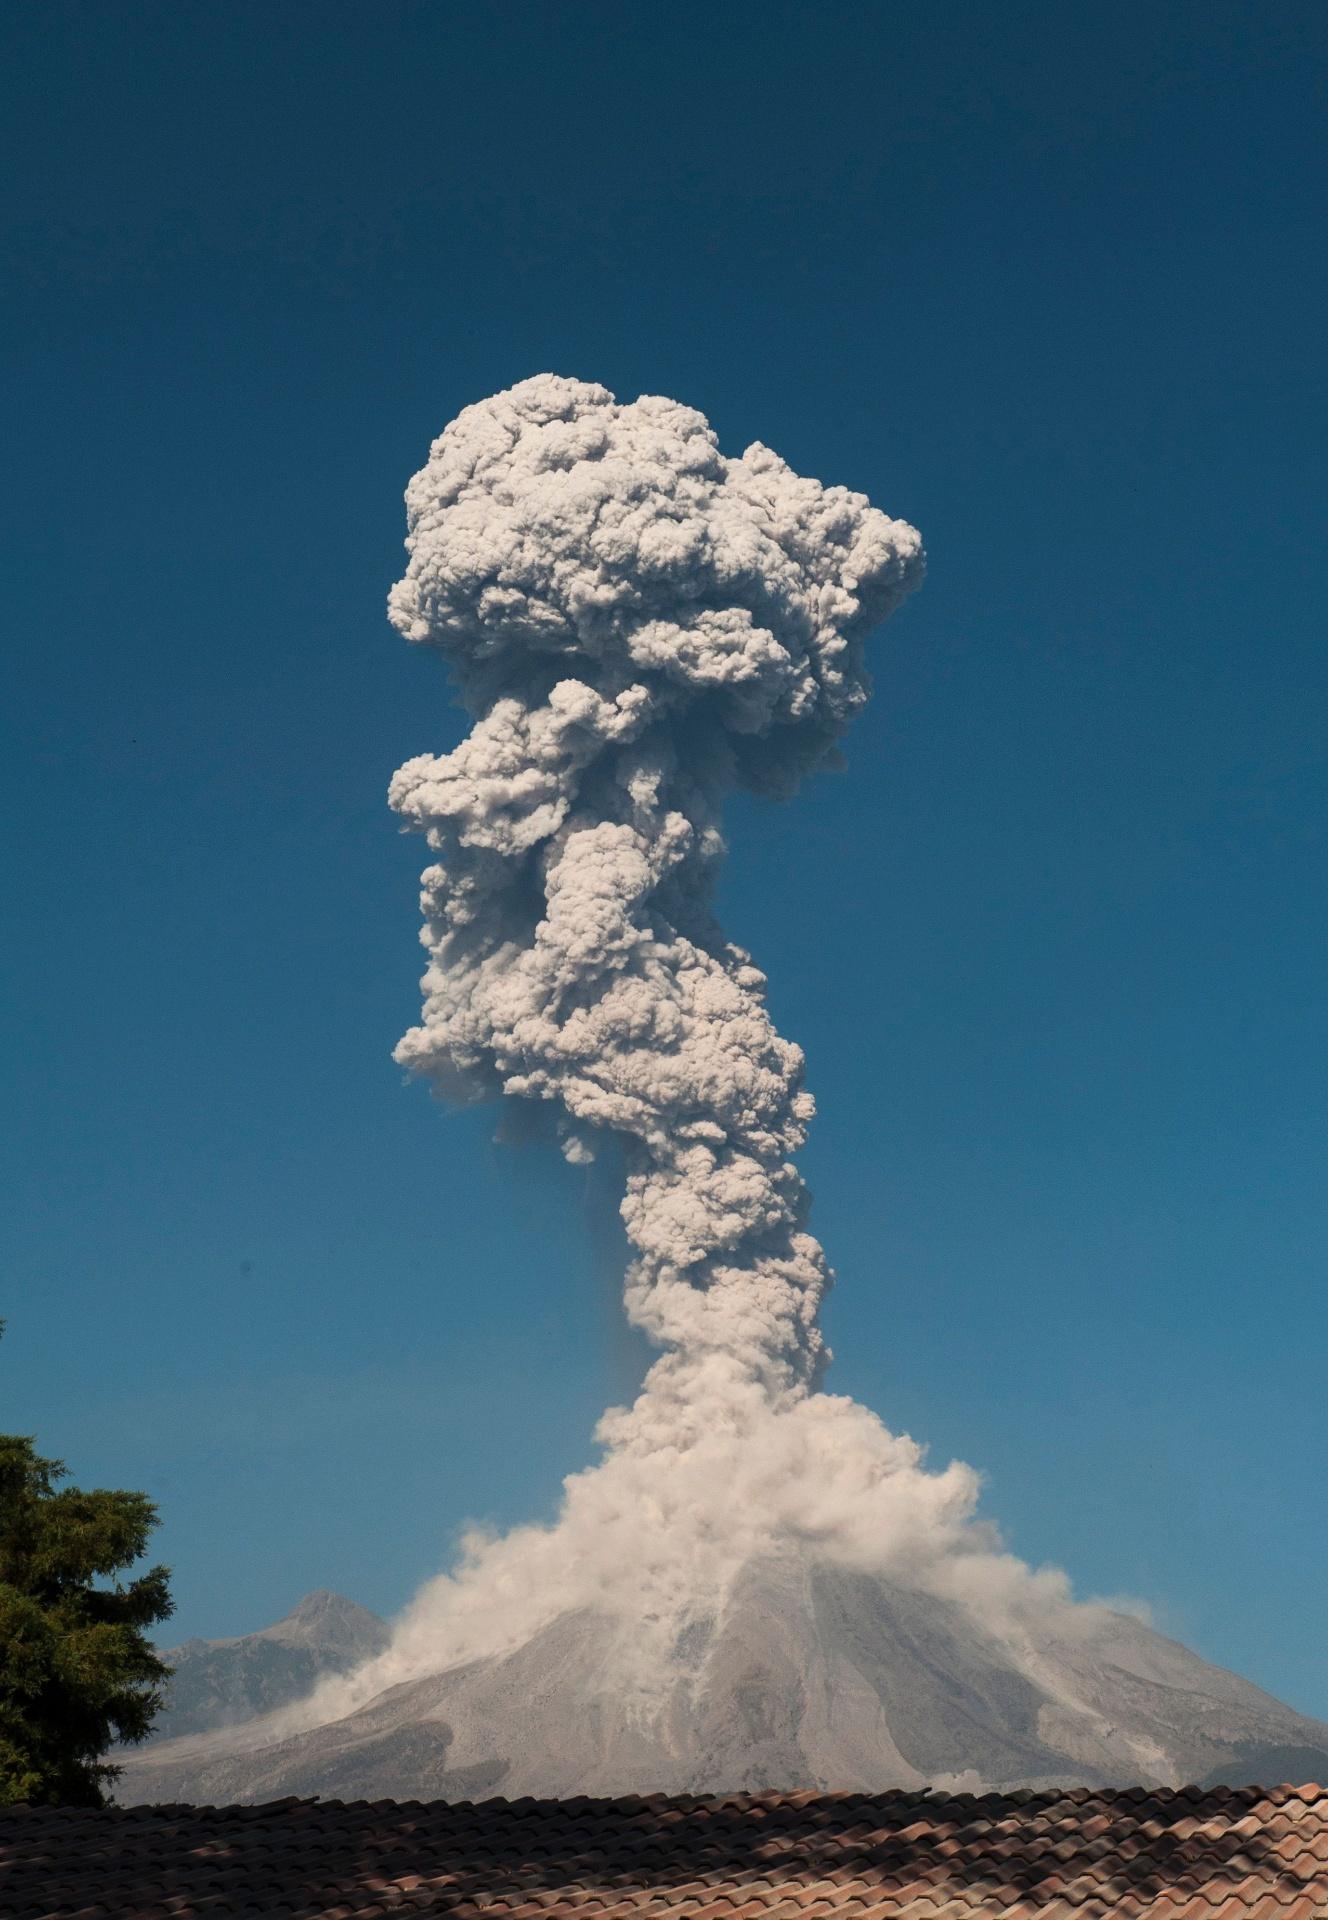 24.jan.2017 - Vulcão Colima, no México, expele cinza e fumaça. Cinza e fumaça são expelidas na erupção do vulcão Colima, no México